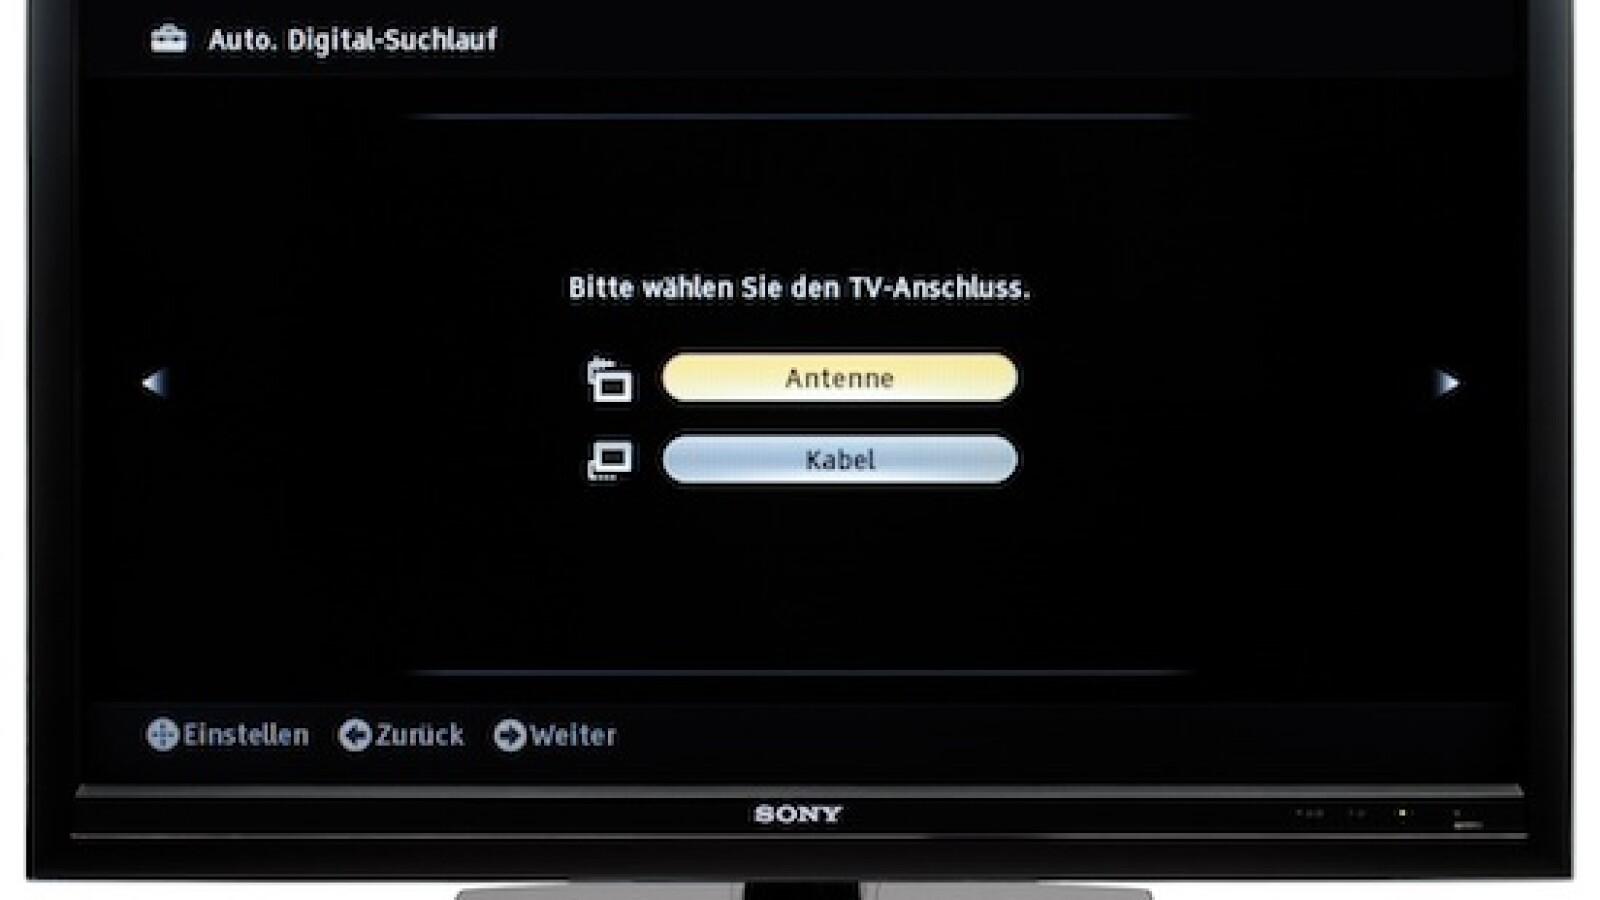 Sony KDL-40 Z 5500: Zierliche TV-Schönheit im Test - NETZWELT